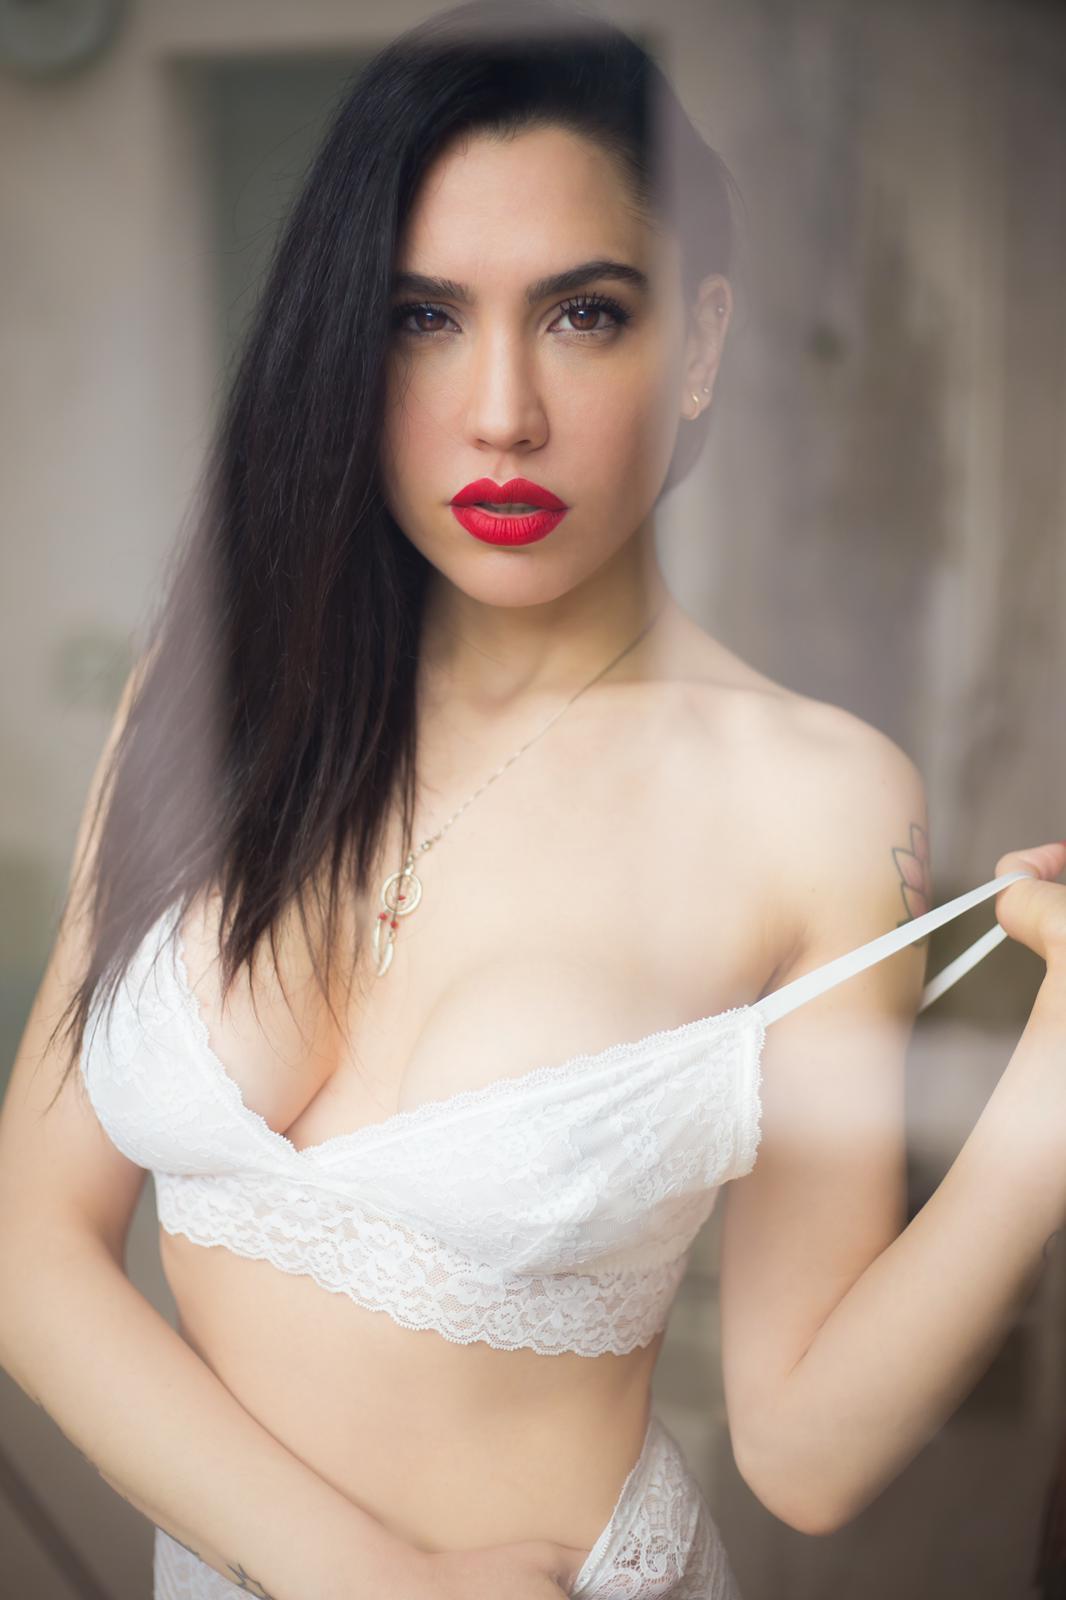 La modella di Playboy è una grande tifosa rossonera e ha posato con la maglia del Milan.